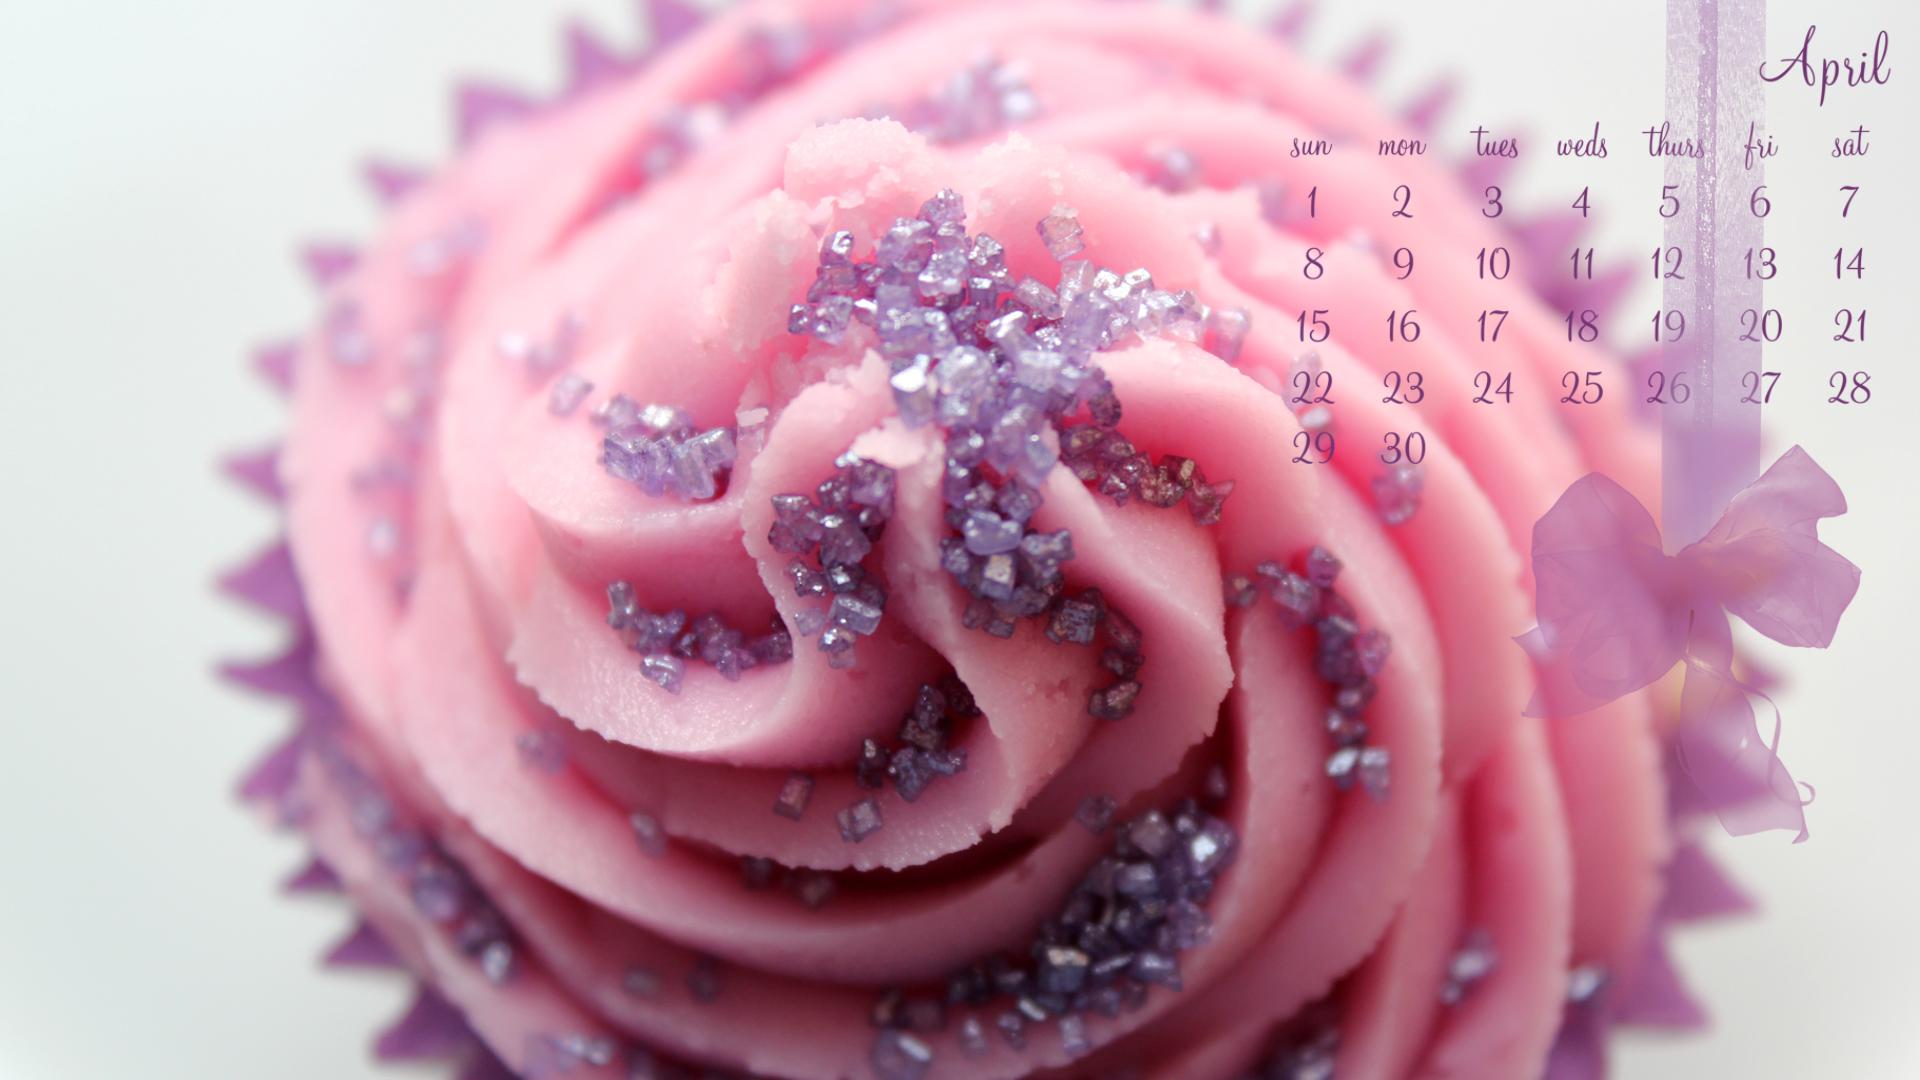 April Cupcake 1920 x 1080